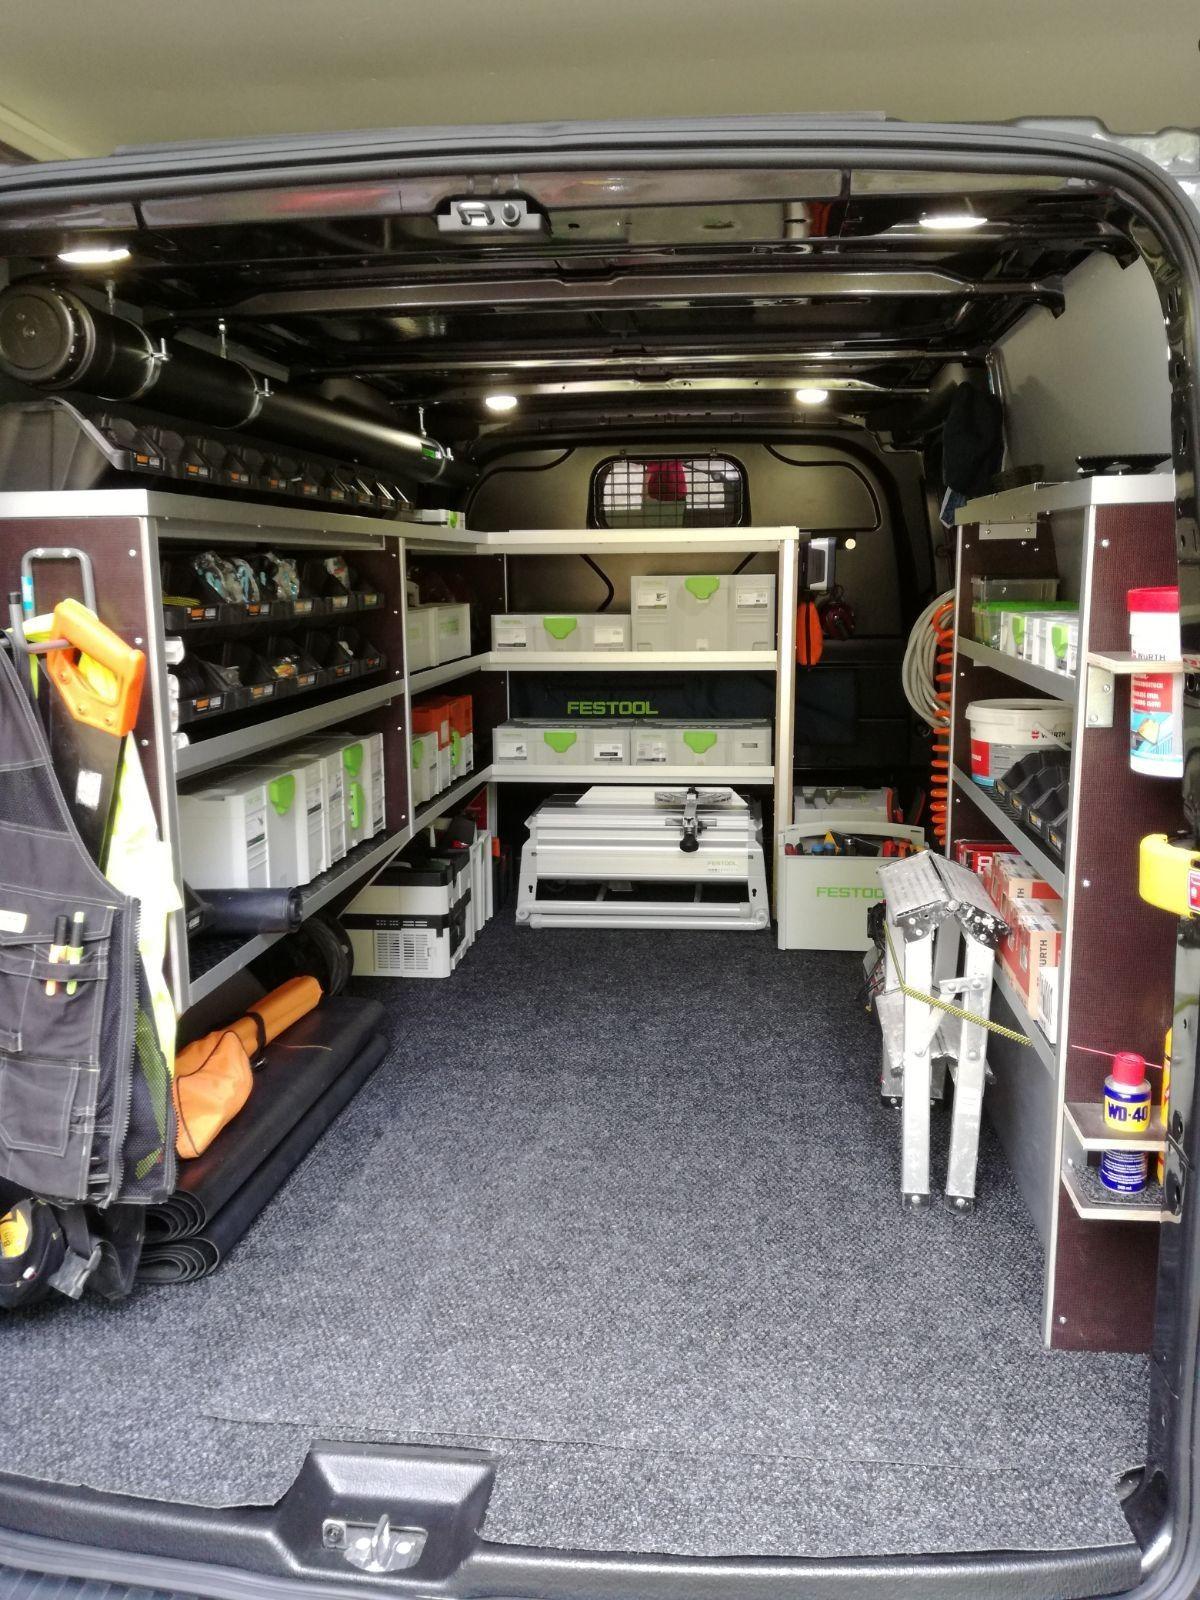 plumbers work van | van racking | pinterest | vans, van racking and